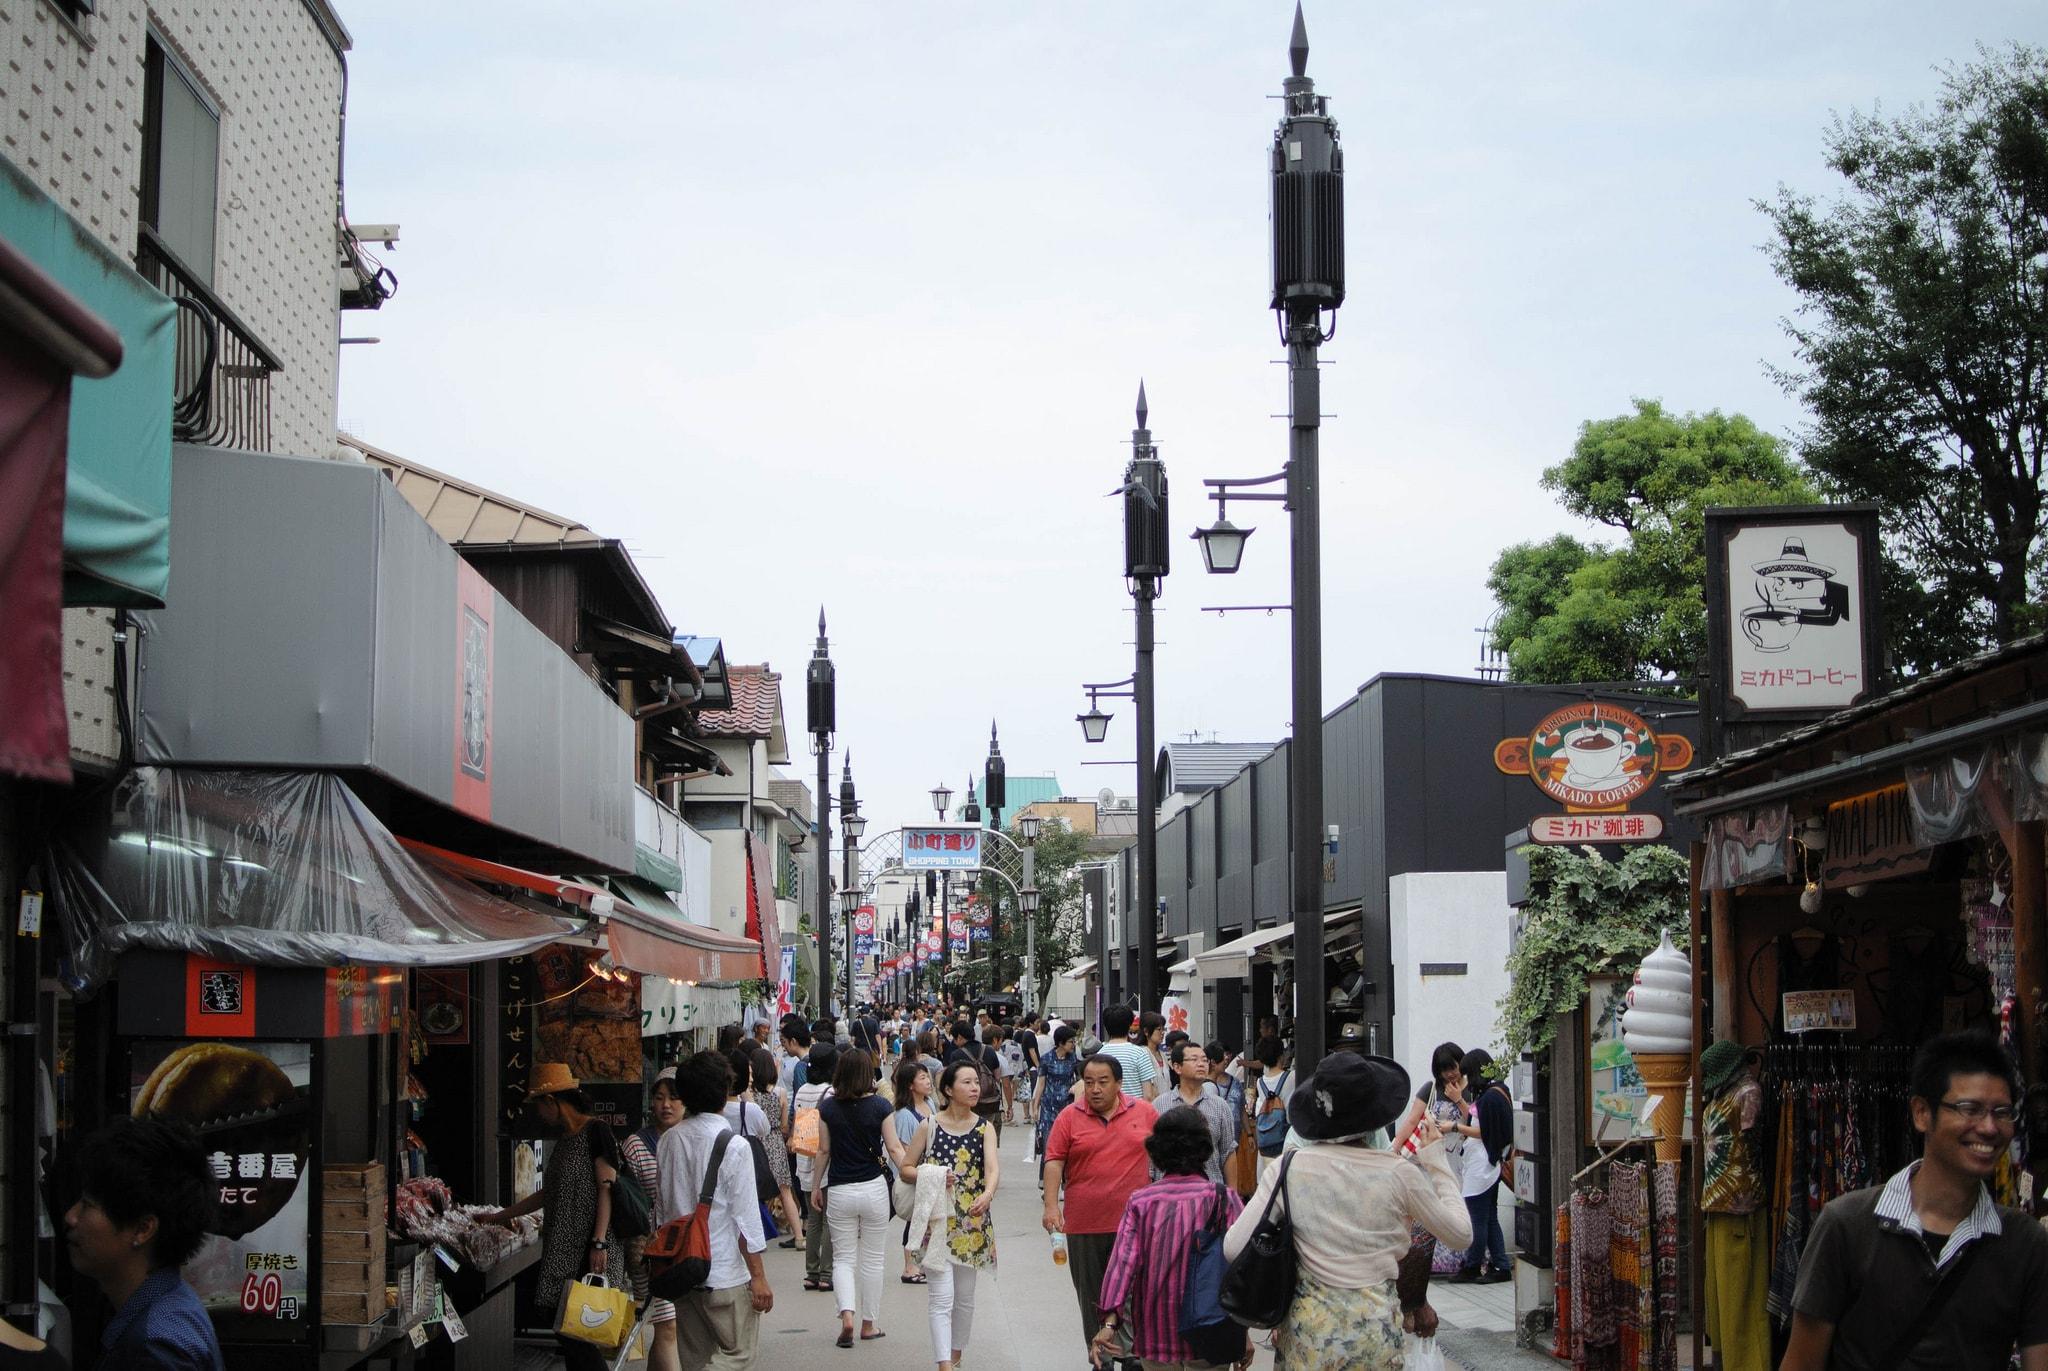 小町通り商店街の様子